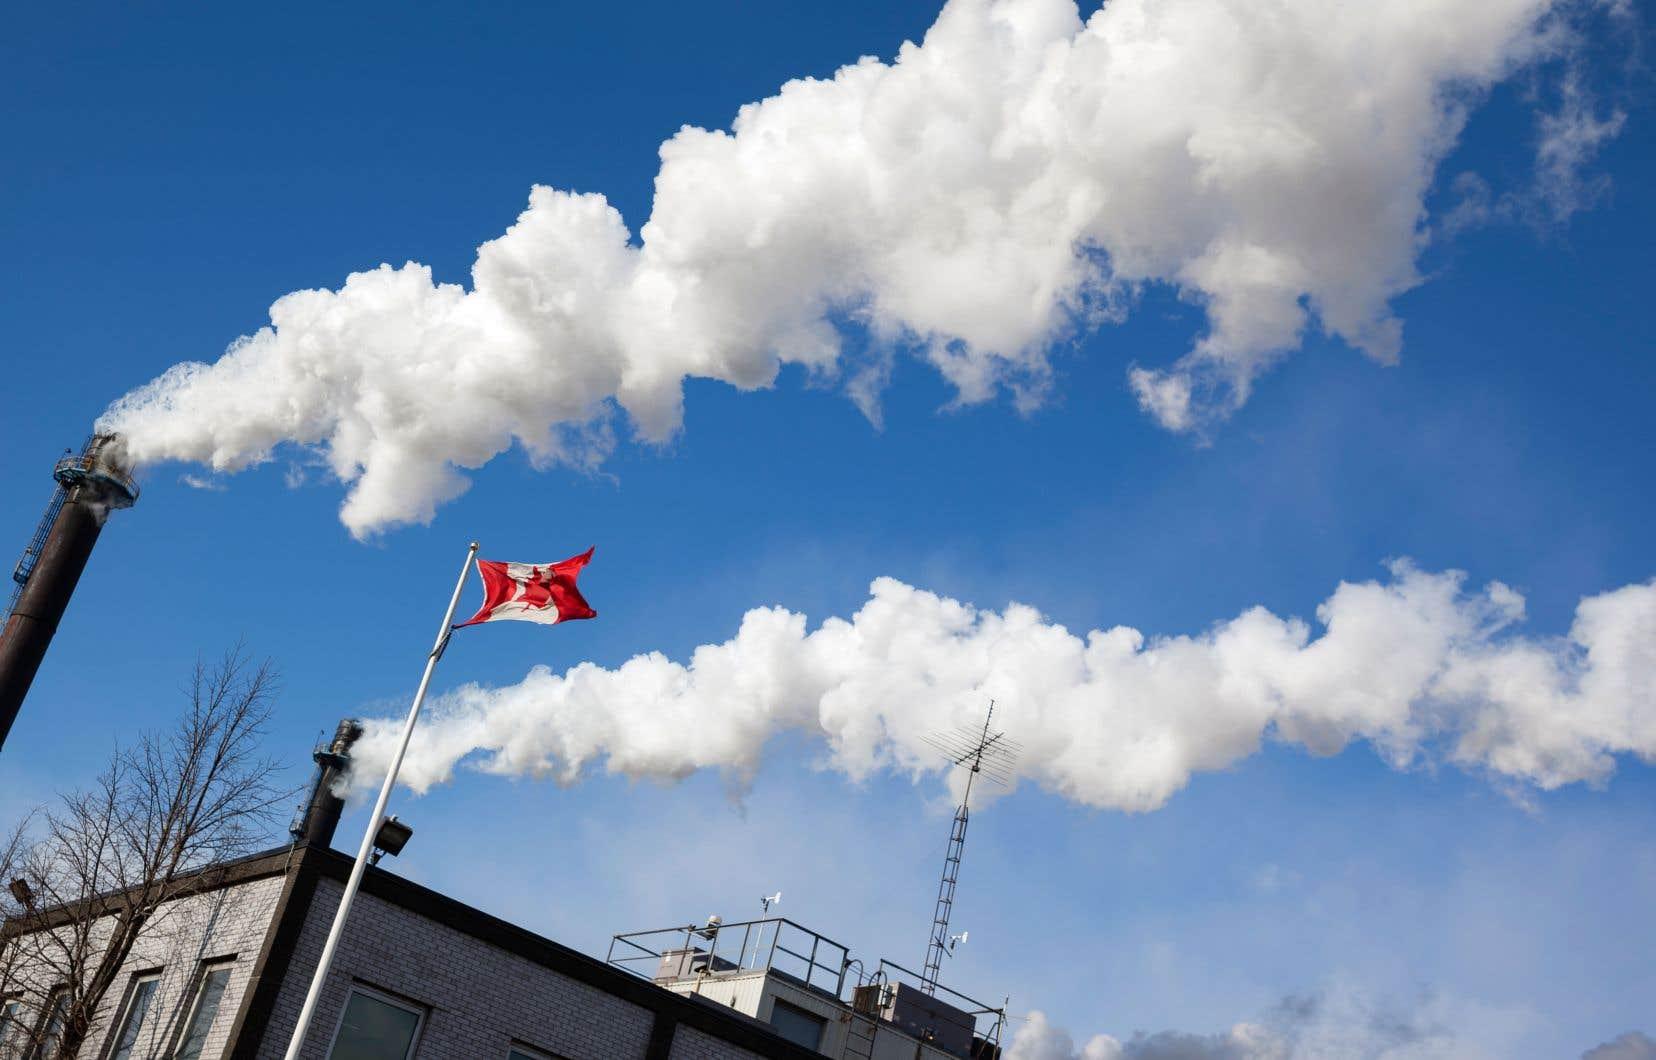 La taxe fédérale s'applique depuis avril à quatre provinces, toutes dirigées par des gouvernements conservateurs, n'ayant pas encore pris de mesures compatibles avec les objectifs nationaux de réduction des gaz à effet de serre:le Manitoba, le Nouveau-Brunswick, l'Ontario et la Saskatchewan.